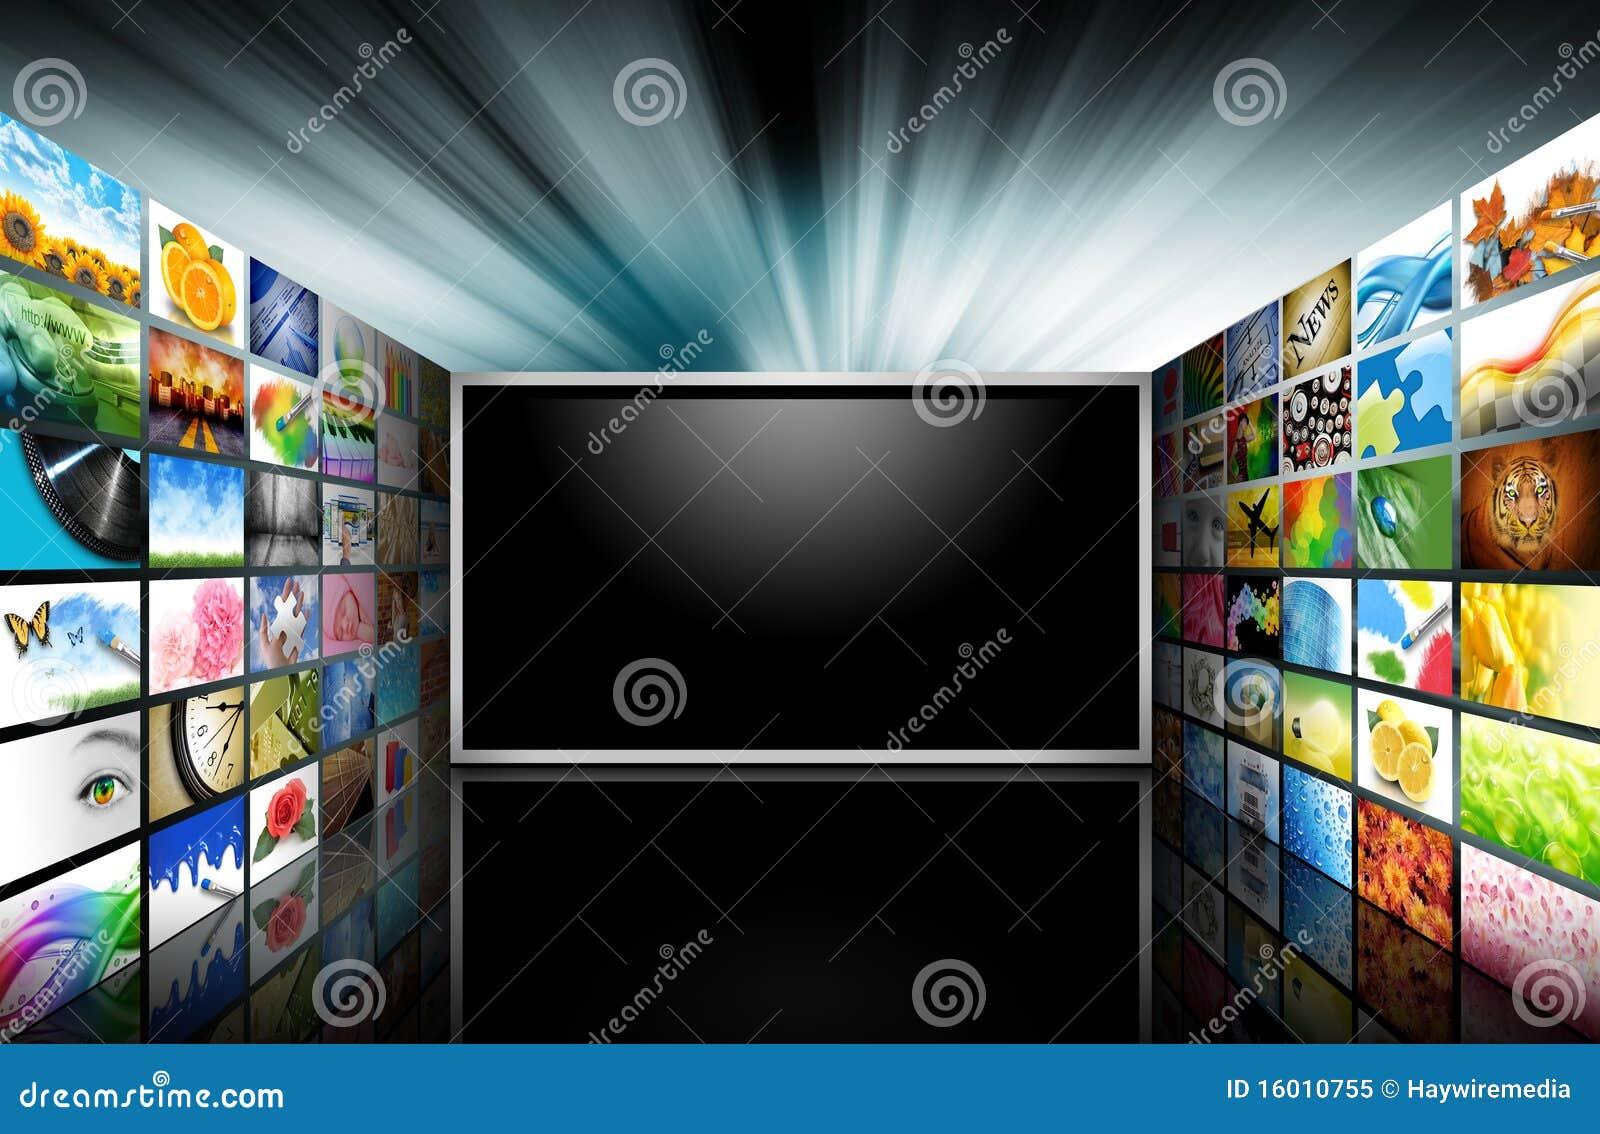 Televisión de la pantalla plana con imágenes